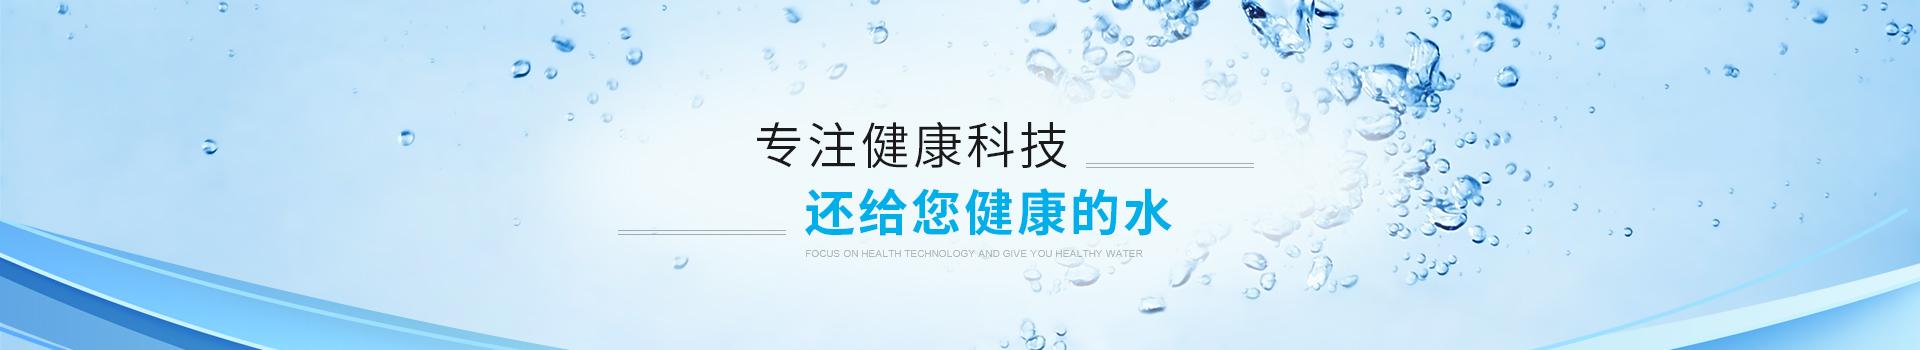 专注健康科技,还给您健康的水